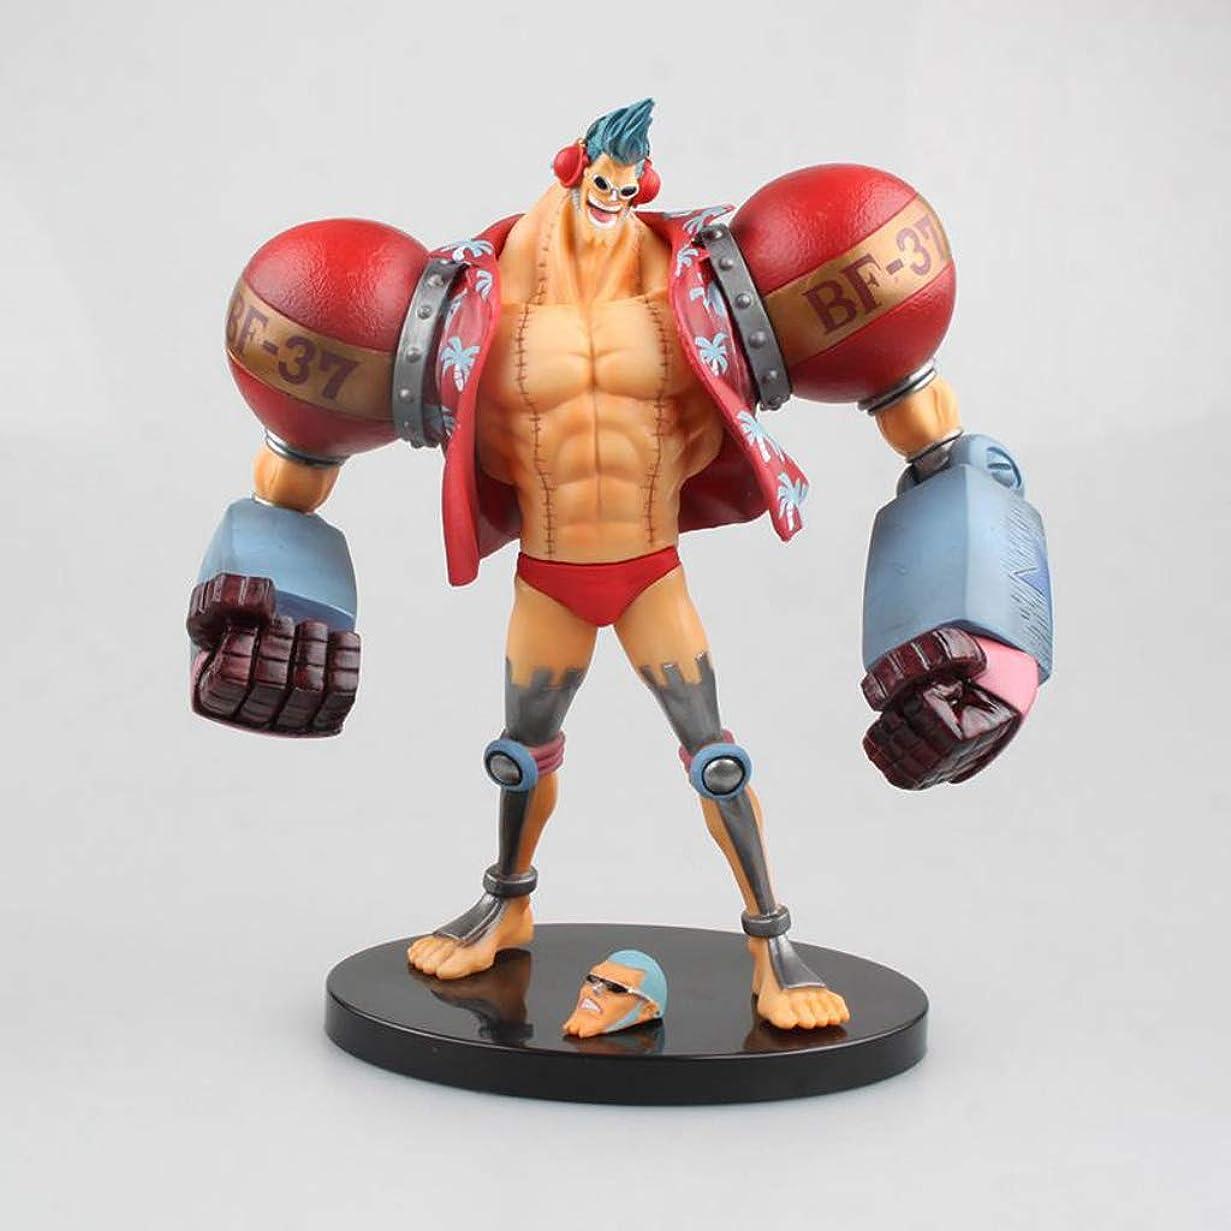 豚肉剪断トレーニング玩具像ワンピース玩具モデル漫画のキャラクターアニメデコレーションデコレーションFranci / 18CM工芸品 Hyococ